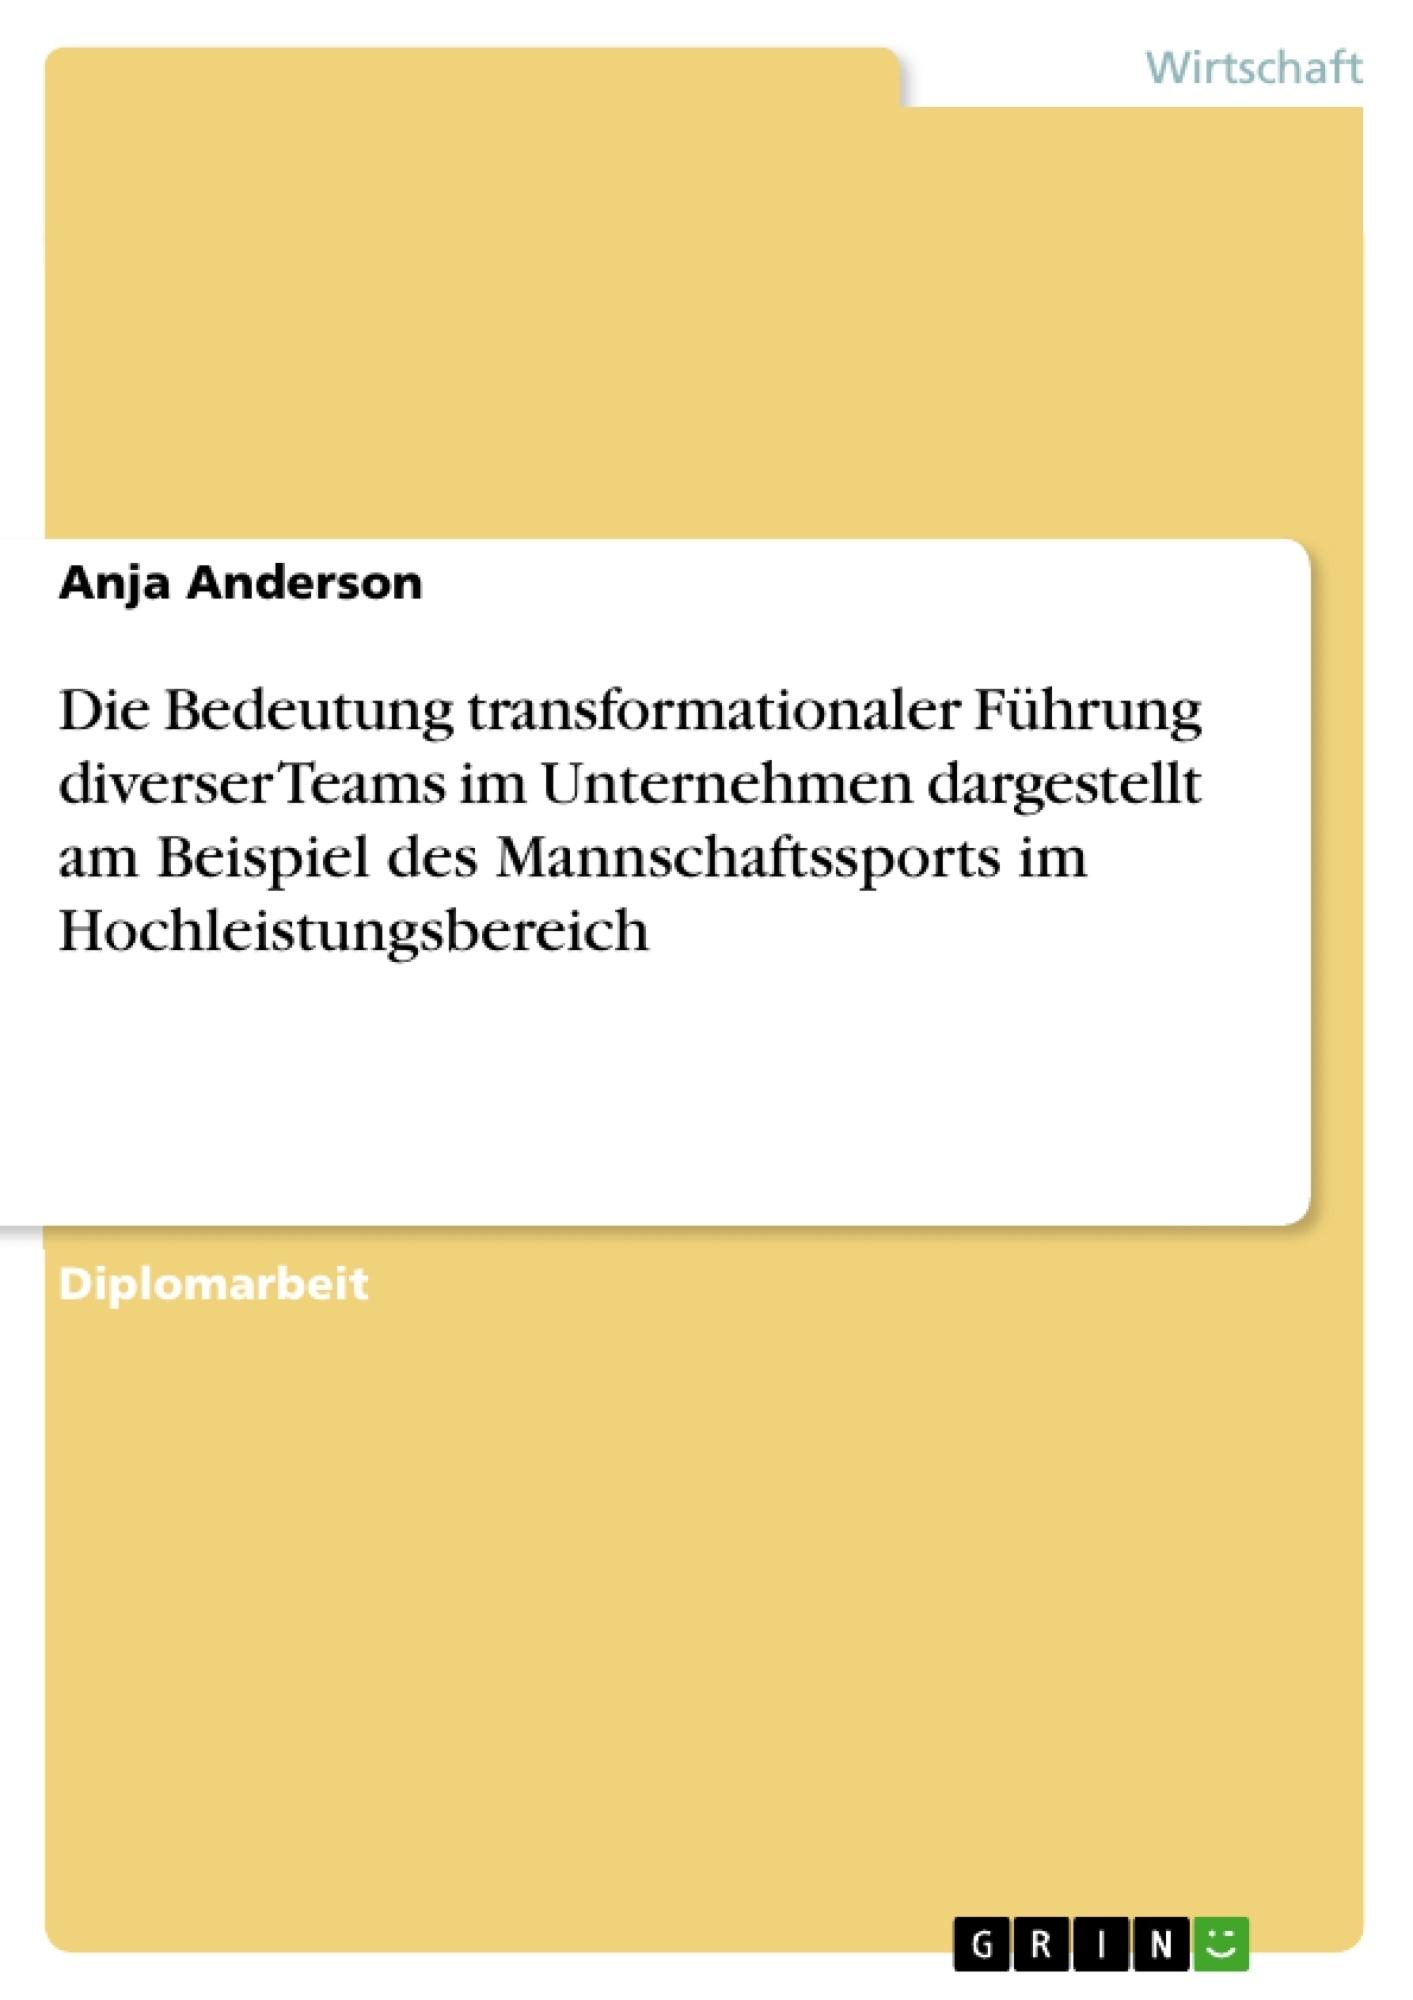 Titel: Die Bedeutung transformationaler Führung diverser Teams im Unternehmen dargestellt am Beispiel des Mannschaftssports im Hochleistungsbereich